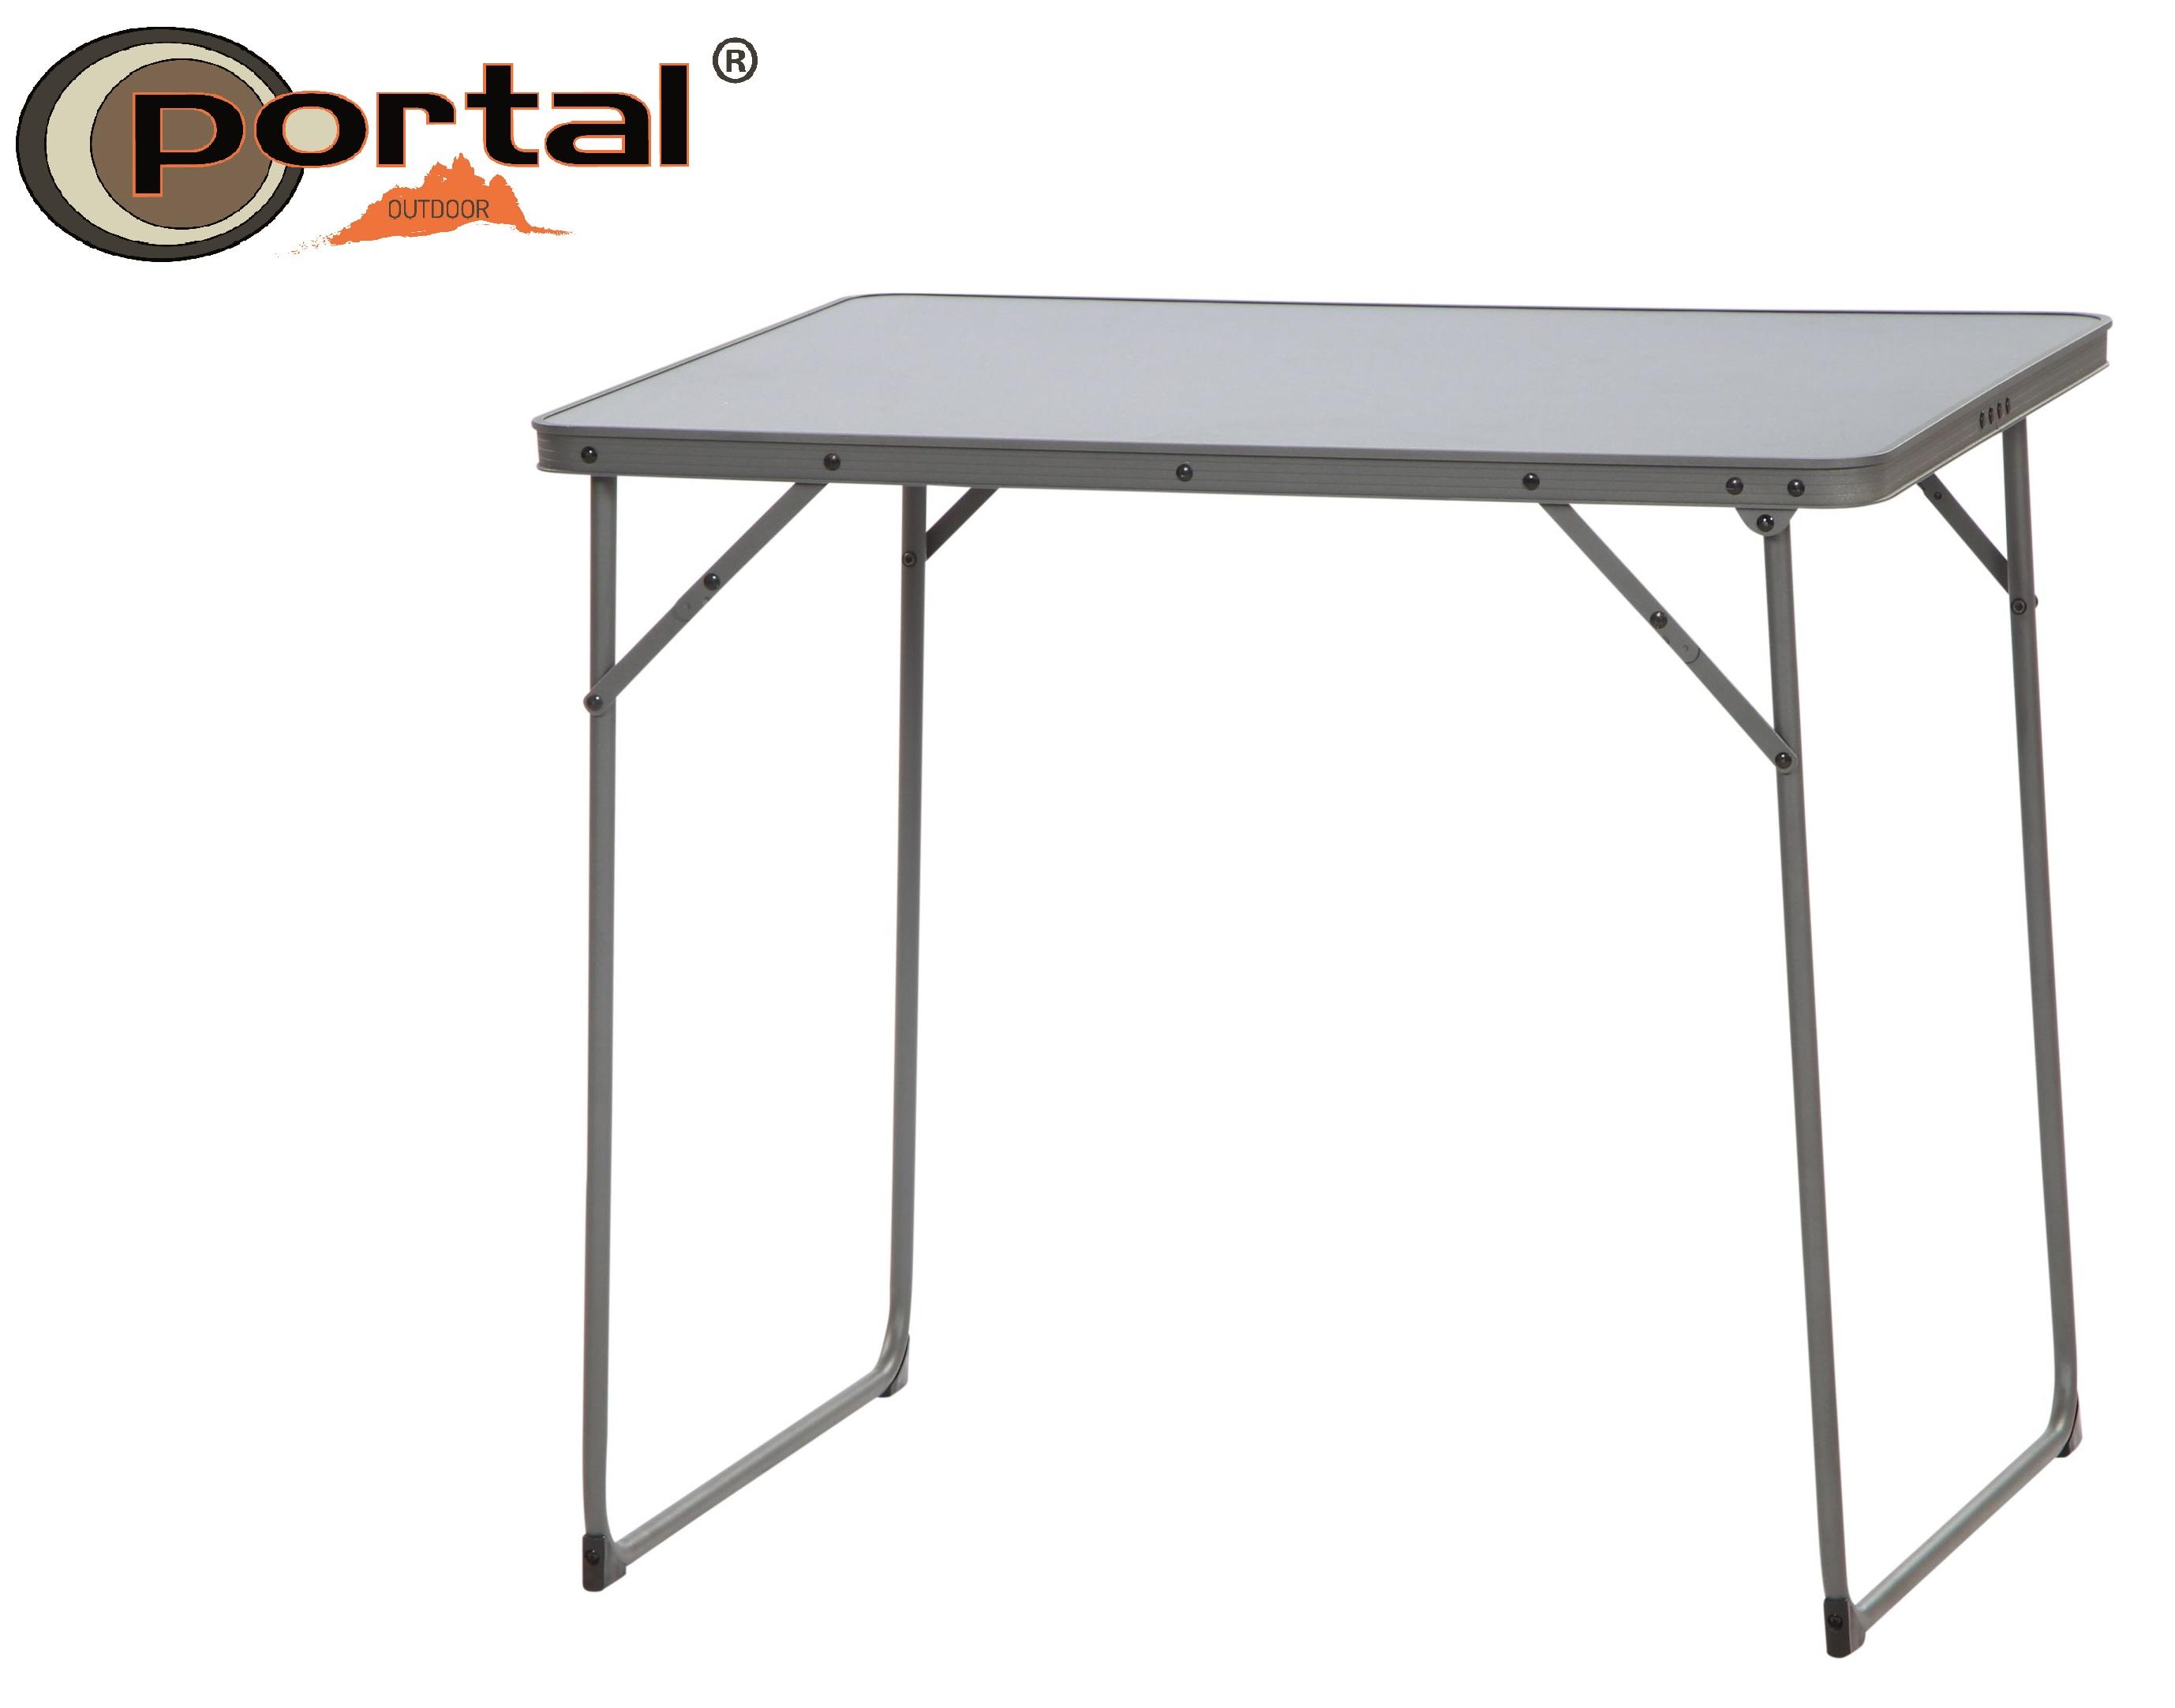 Klapptisch Gartentisch.Lisa Camping Klapptisch Gartentisch 60x80x69 5cm Nur 3 3kg